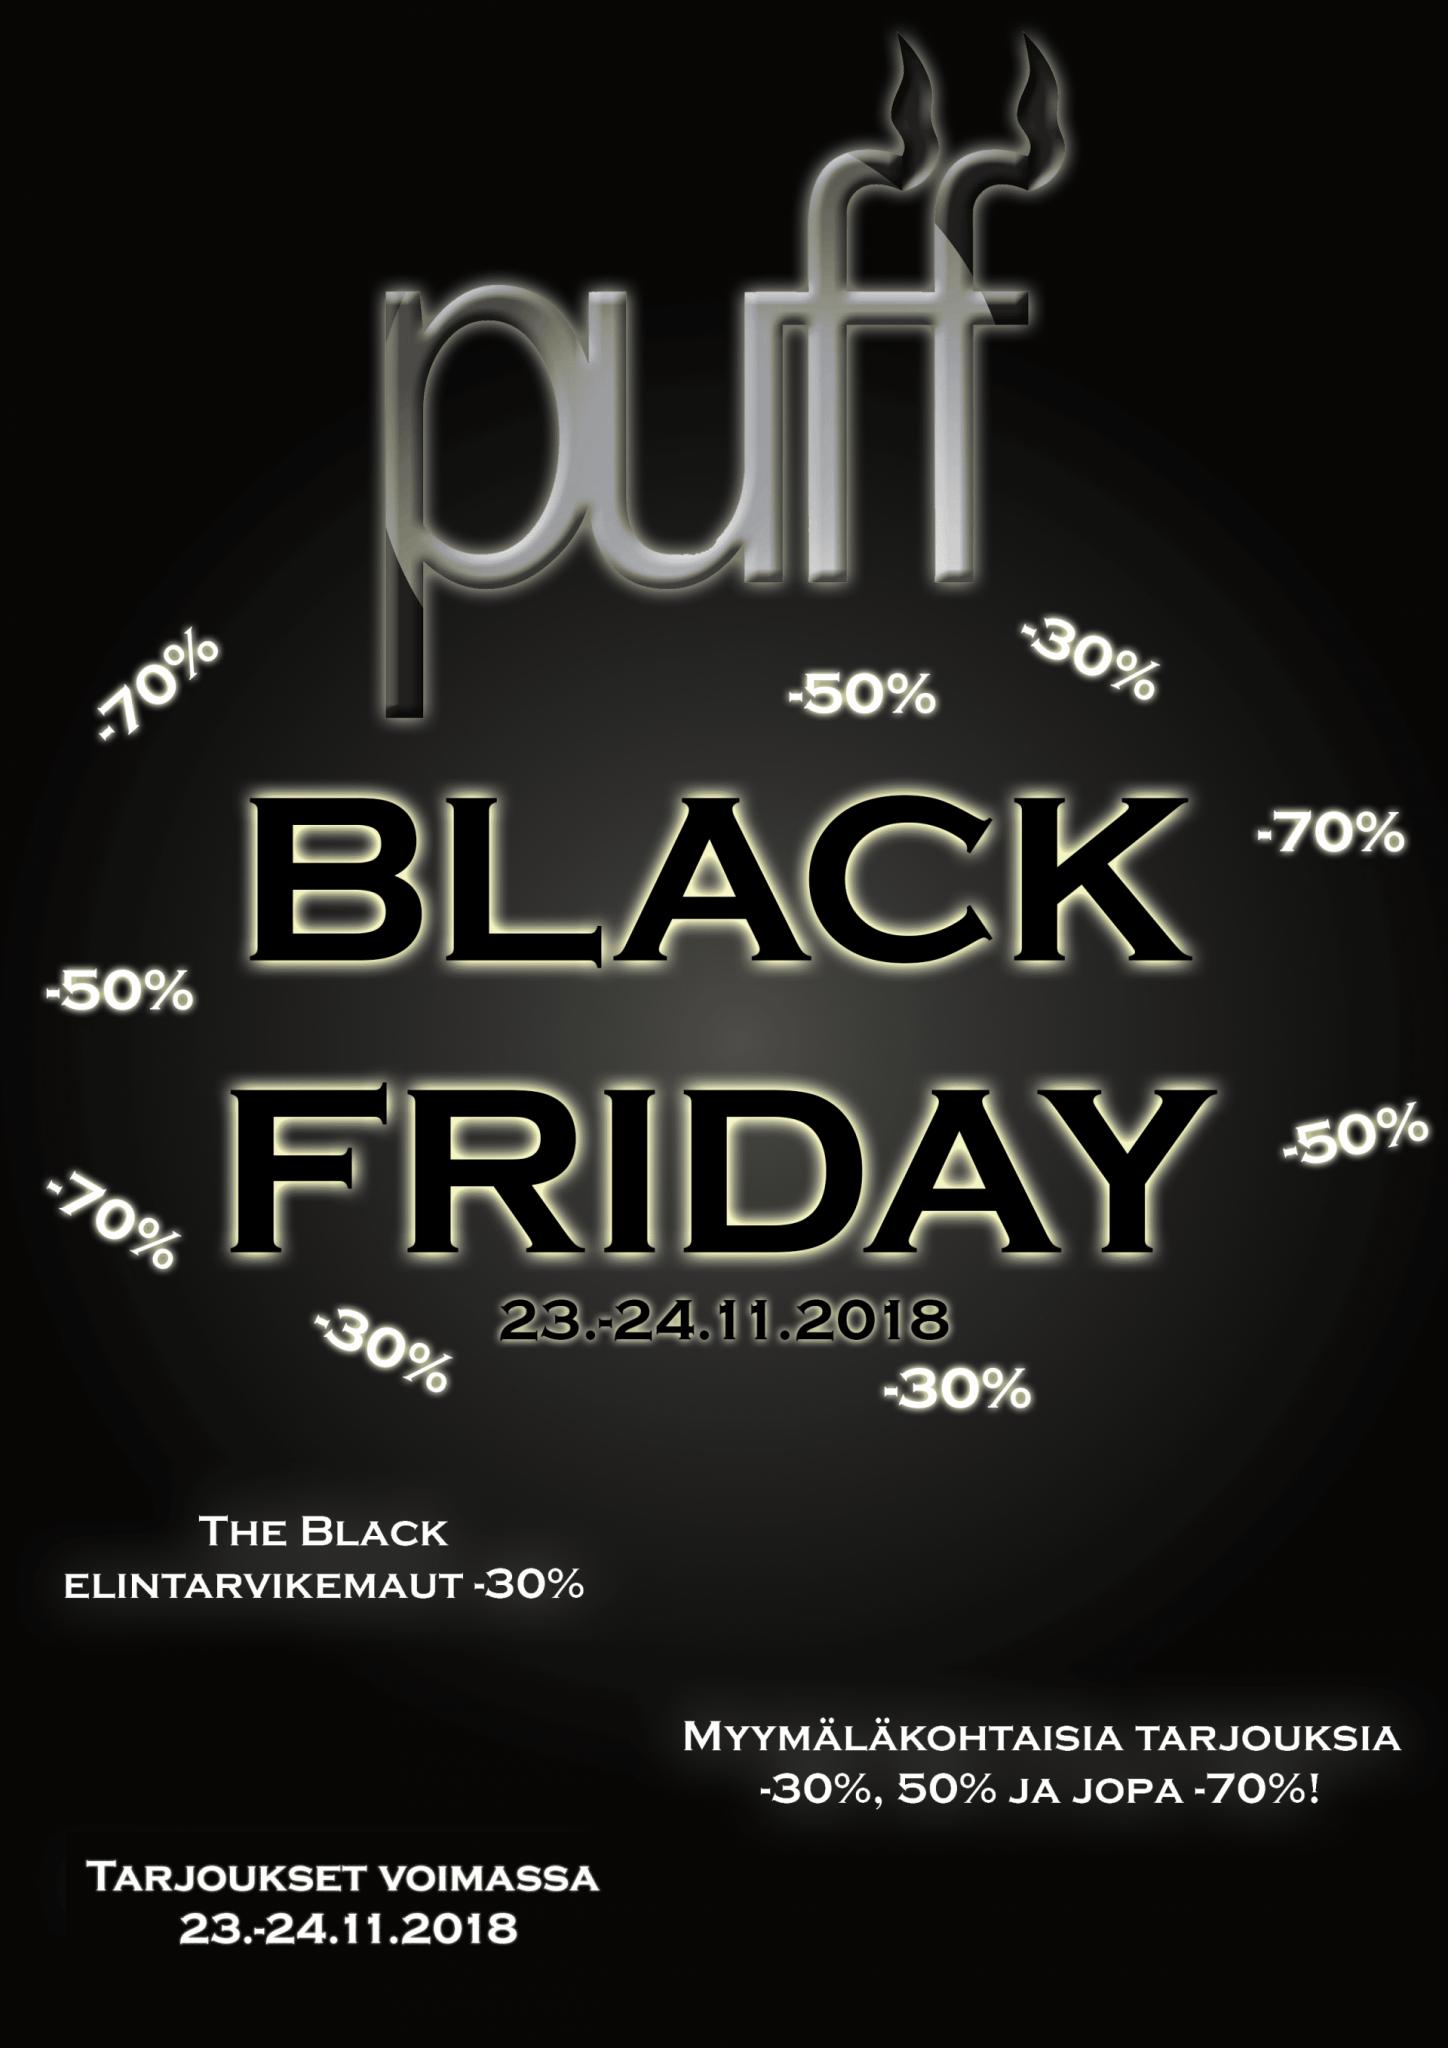 Puffin Black Friday on täällä!